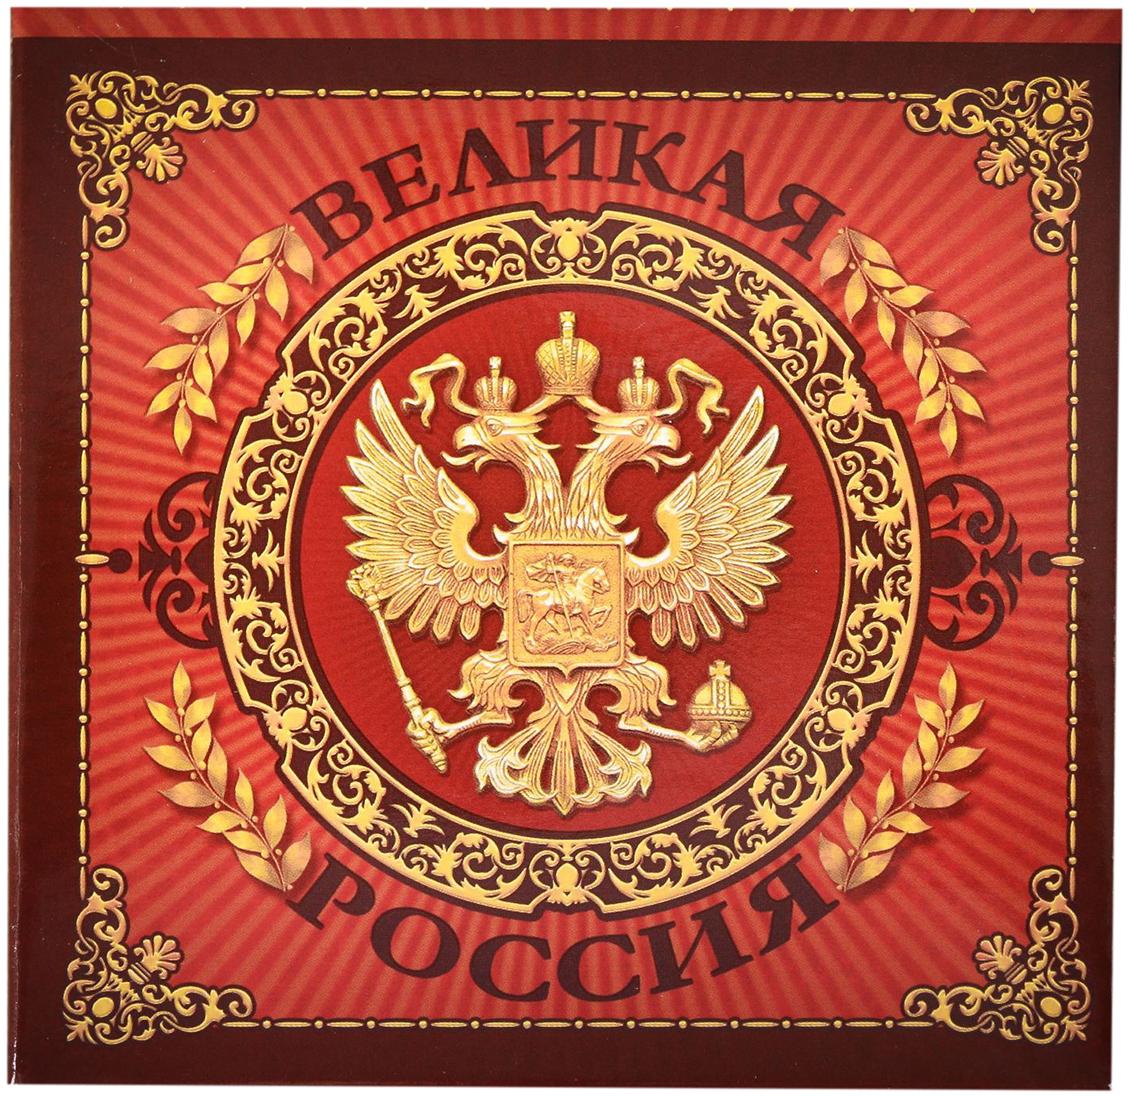 Блок для записей Великая Россия, 9 x 9 см, 100 листов